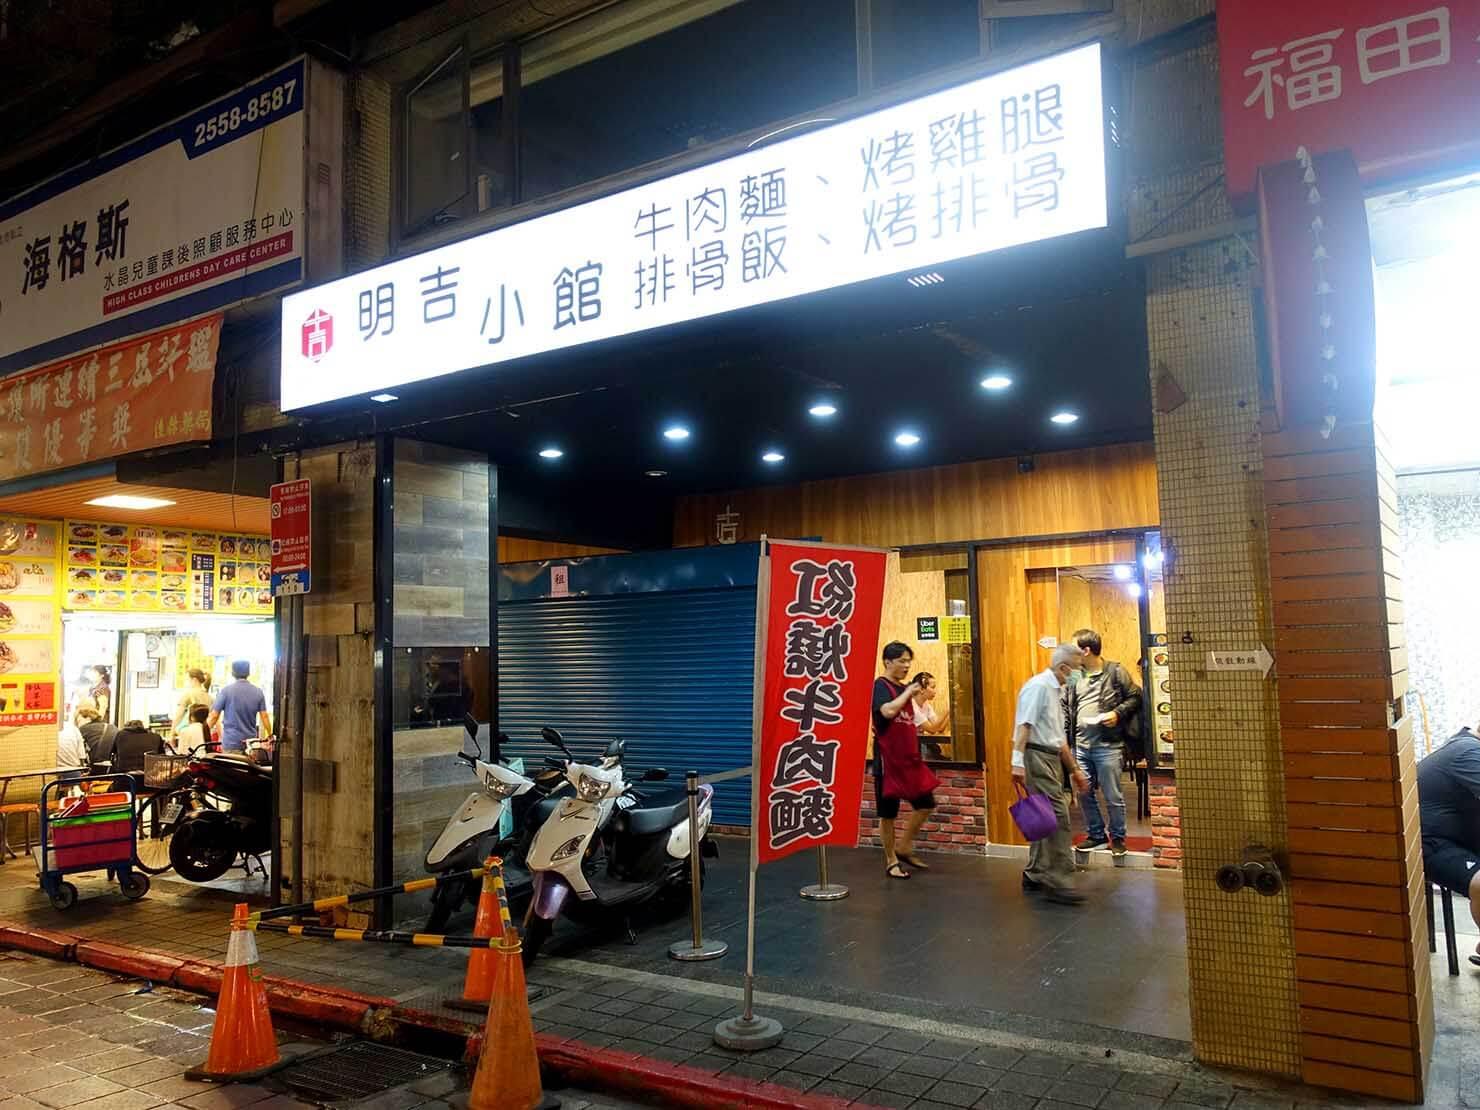 台北・寧夏夜市のおすすめグルメ店「明吉小館」の外観